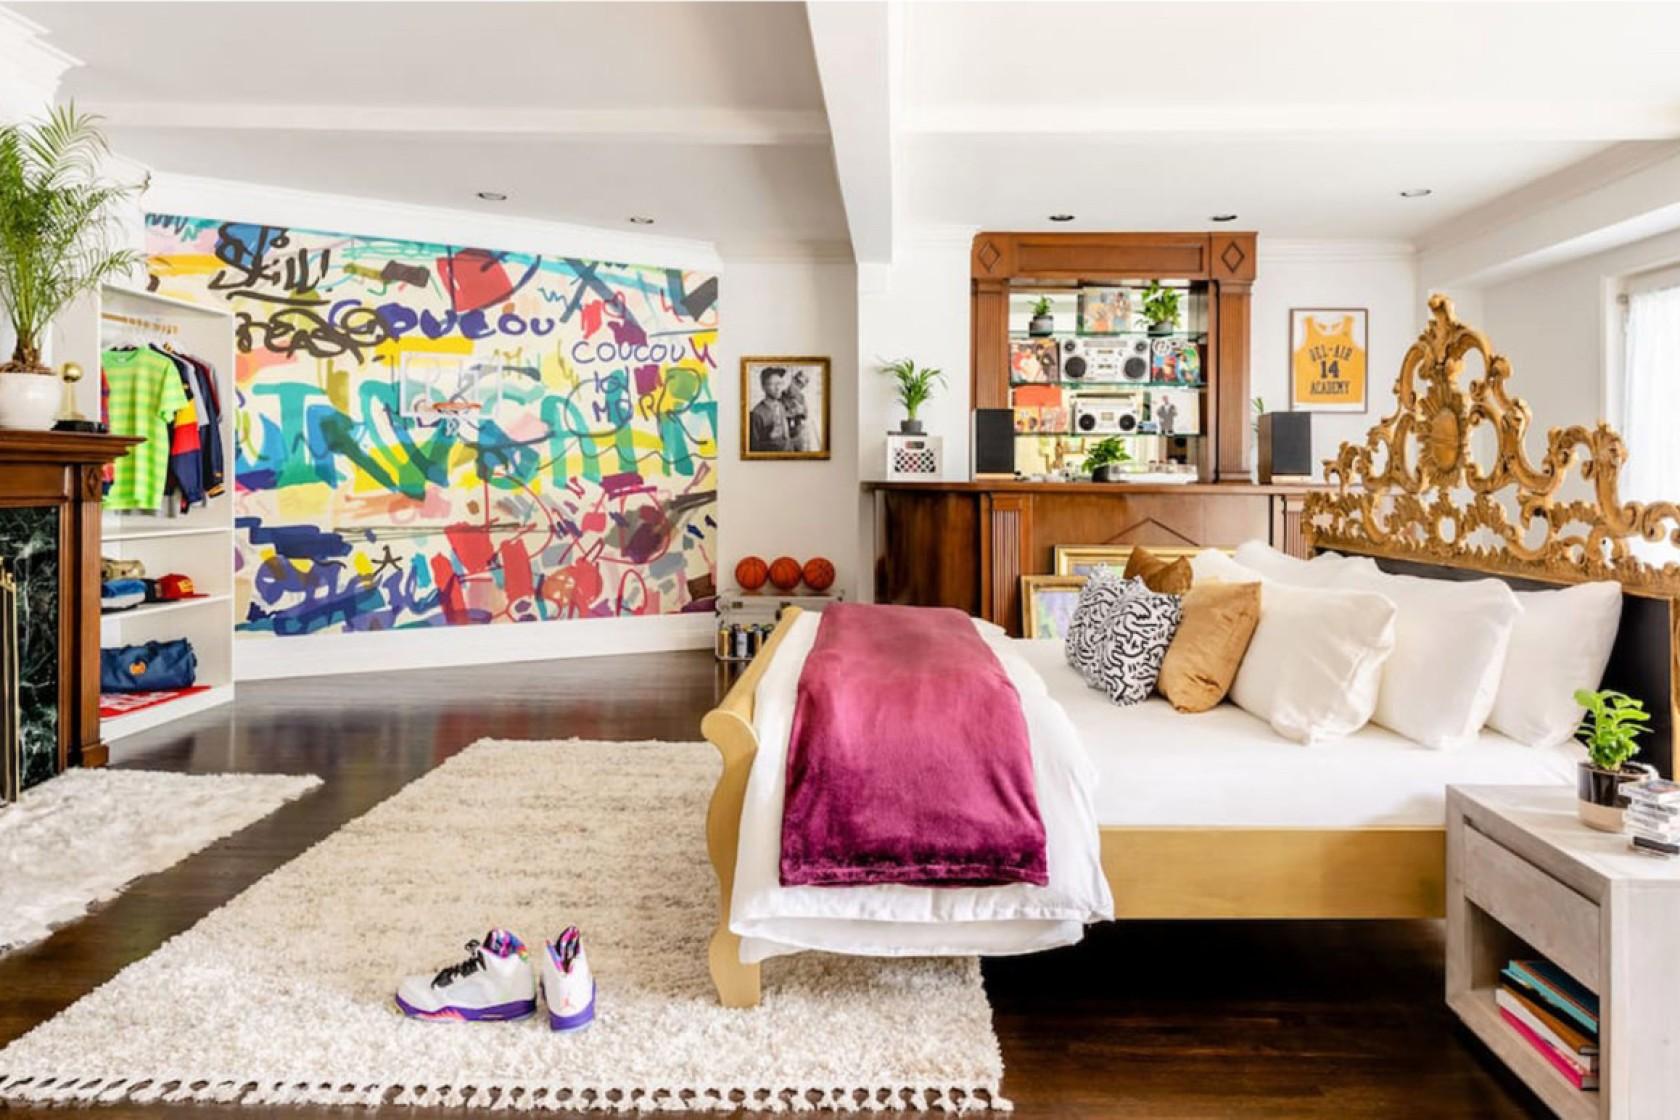 屋內展示許多影集照片與道具。Airbnb